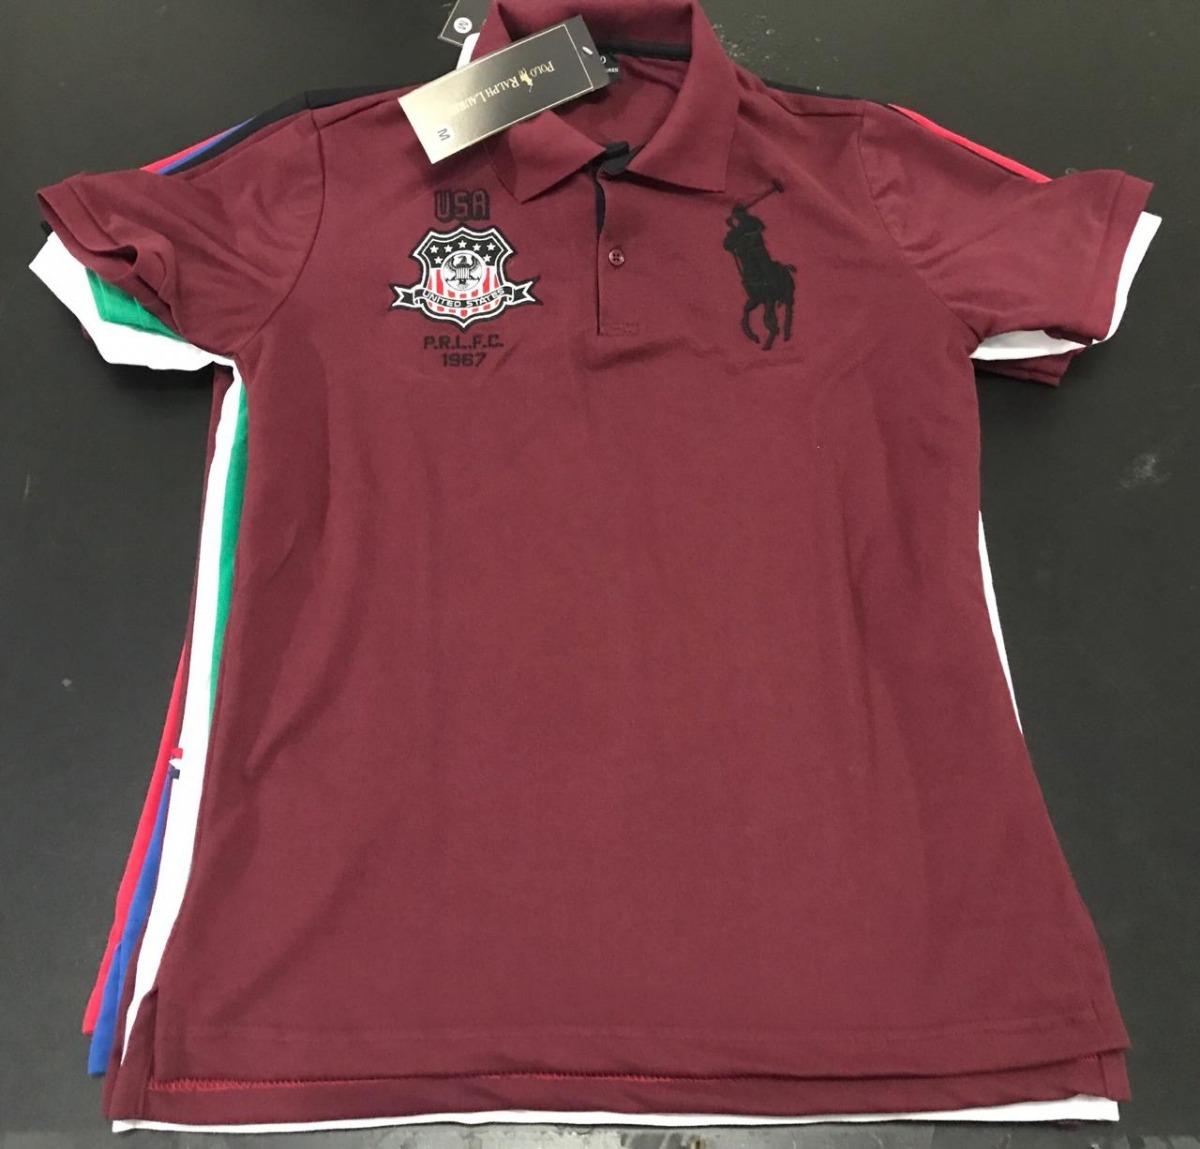 5 camisas polo masculina camisetas blusas marcas famosas. Carregando zoom. 6f98520b8e80e